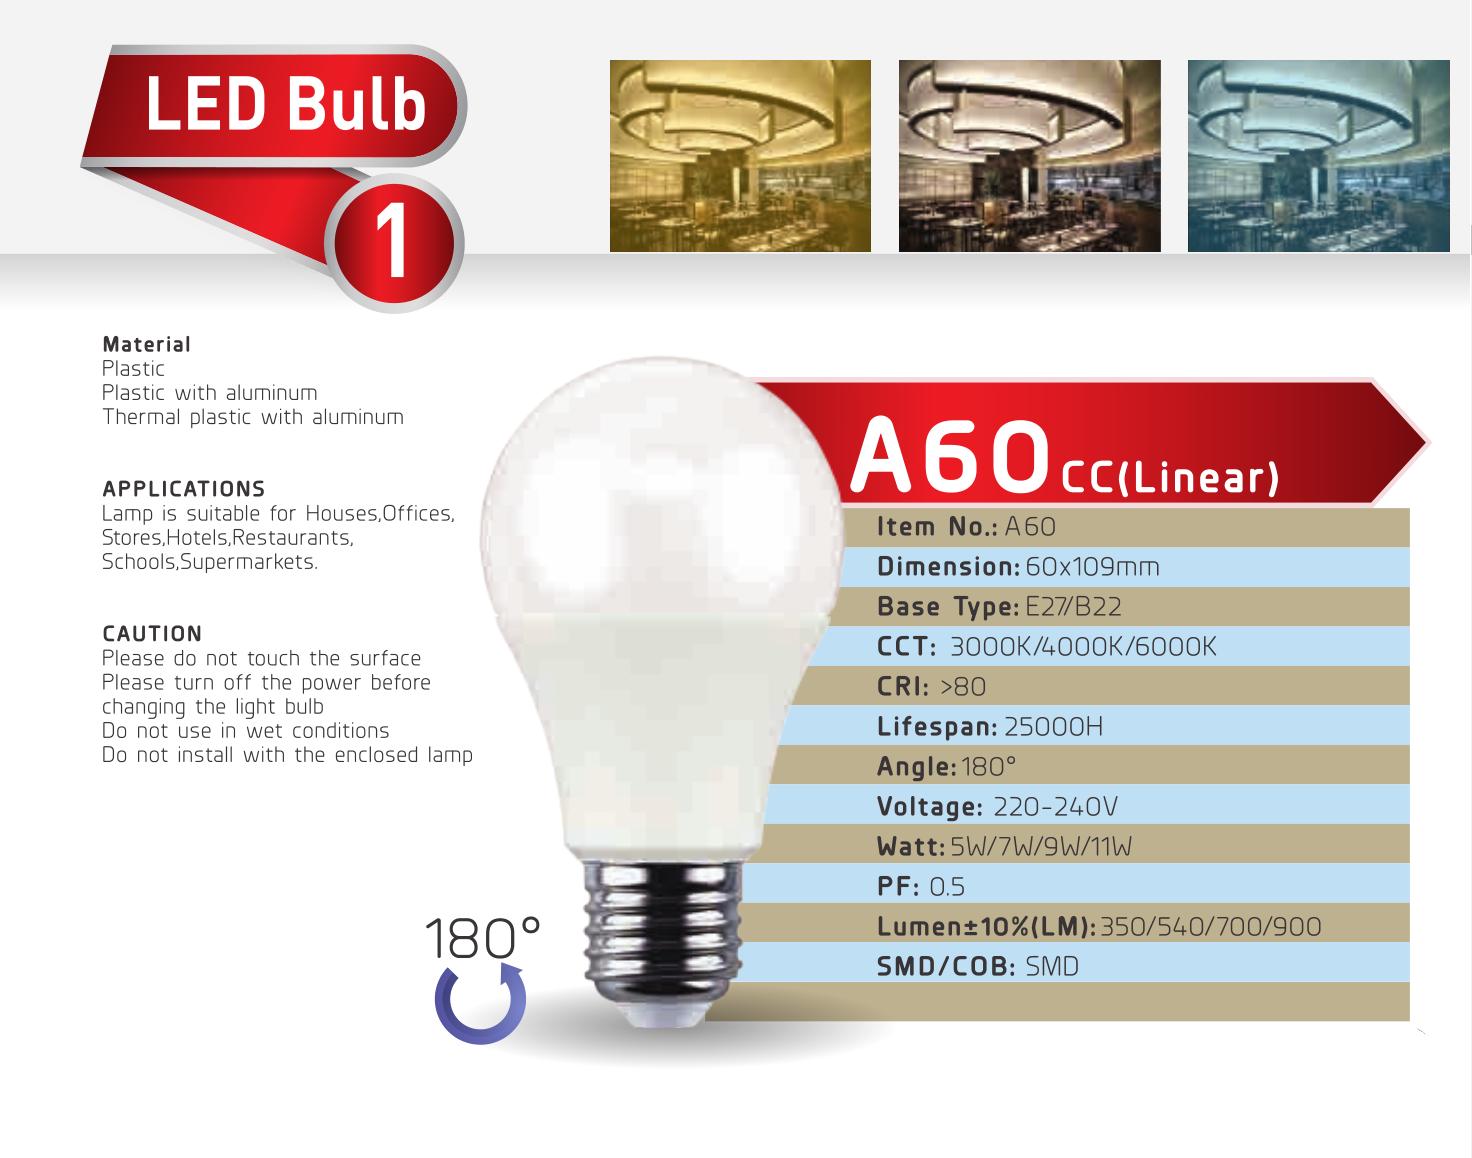 Led Bulb A60cc 5w 11w Led Bulb Bulb Led